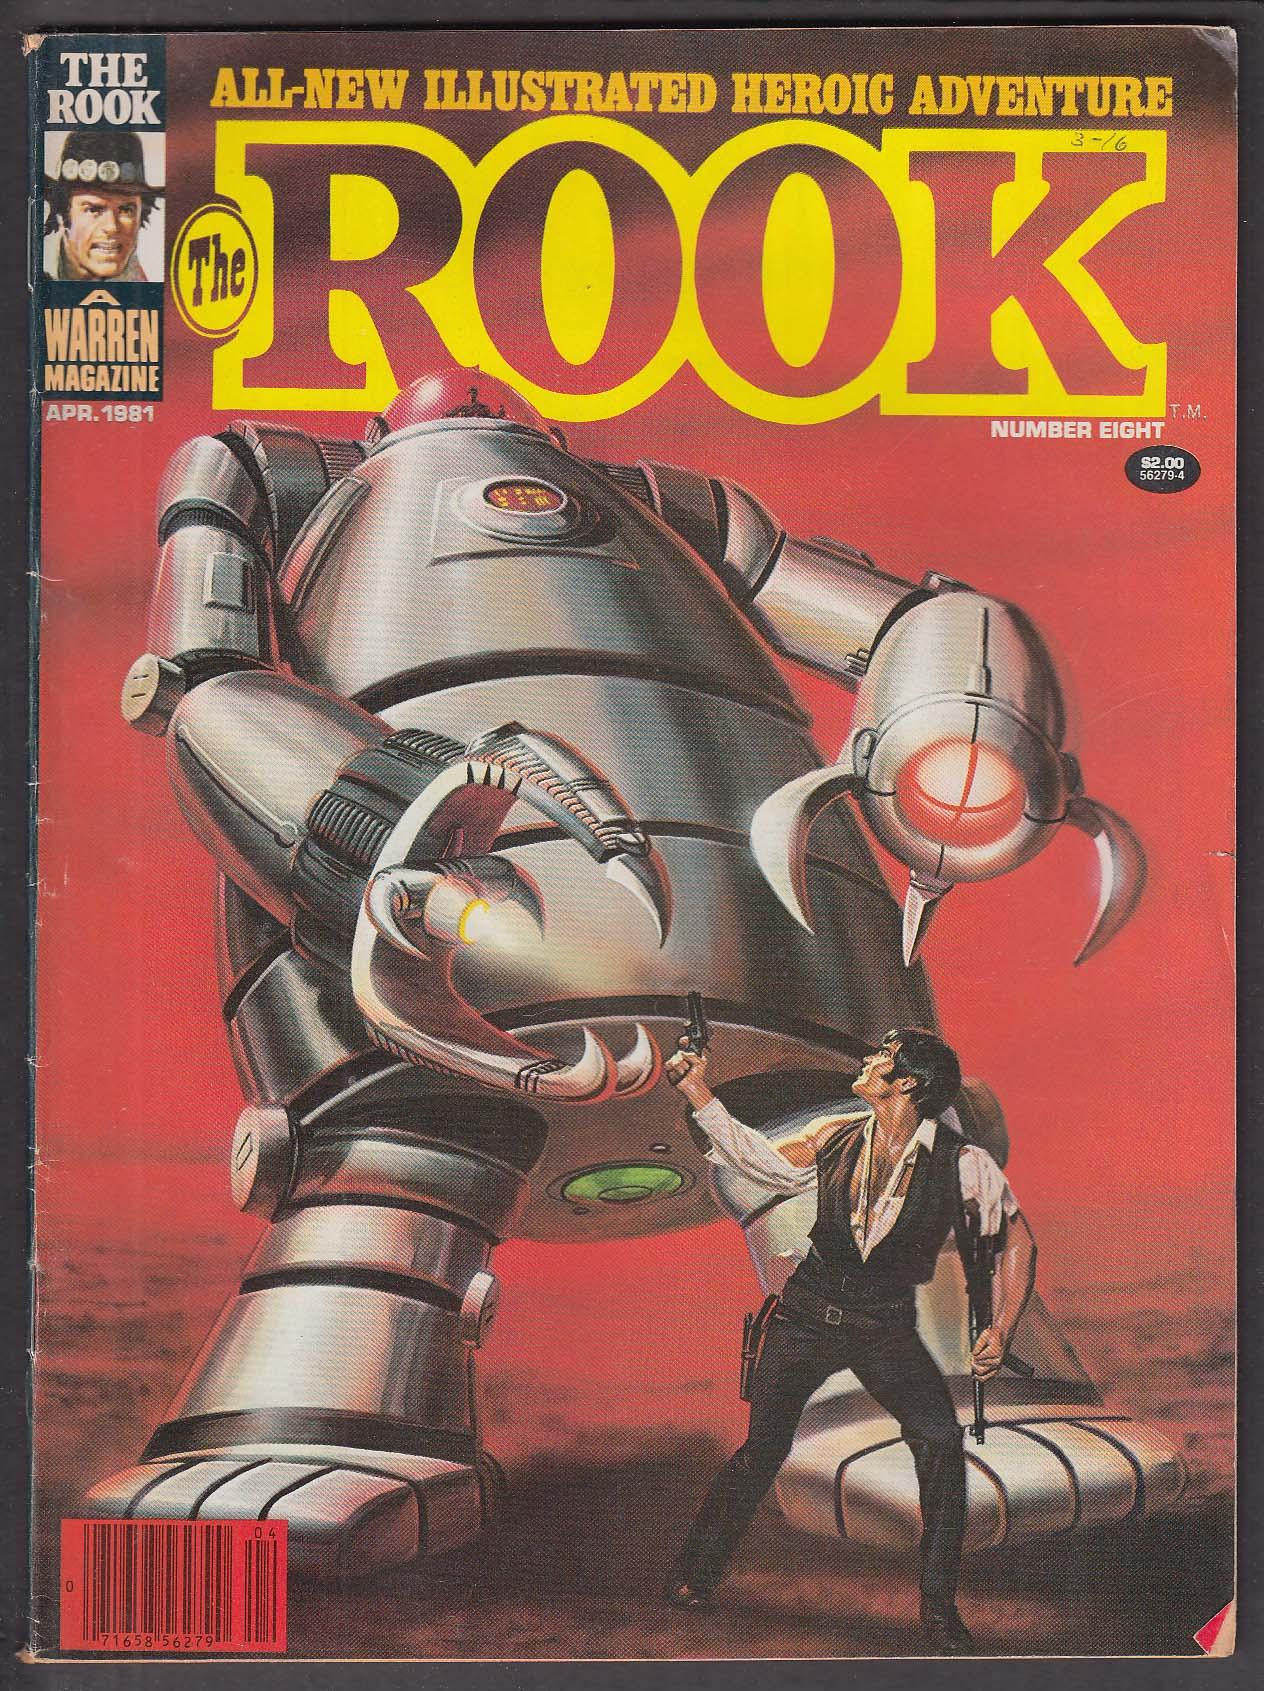 The ROOK #8 Warren comic magazine 4 1981